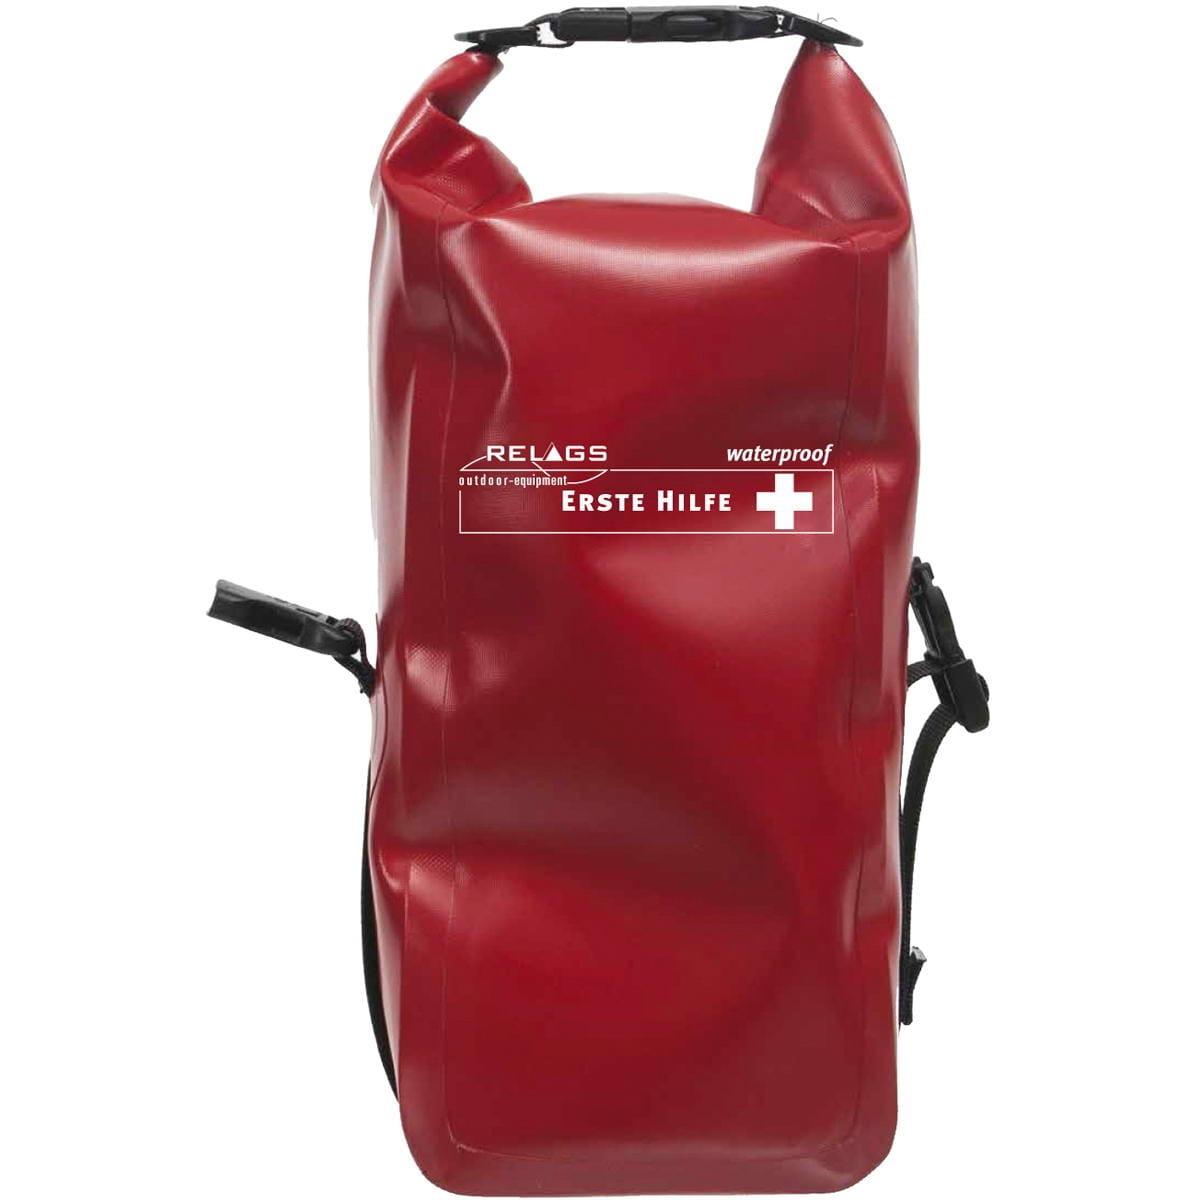 Relags Standard - Erste Hilfe Set wasserdicht